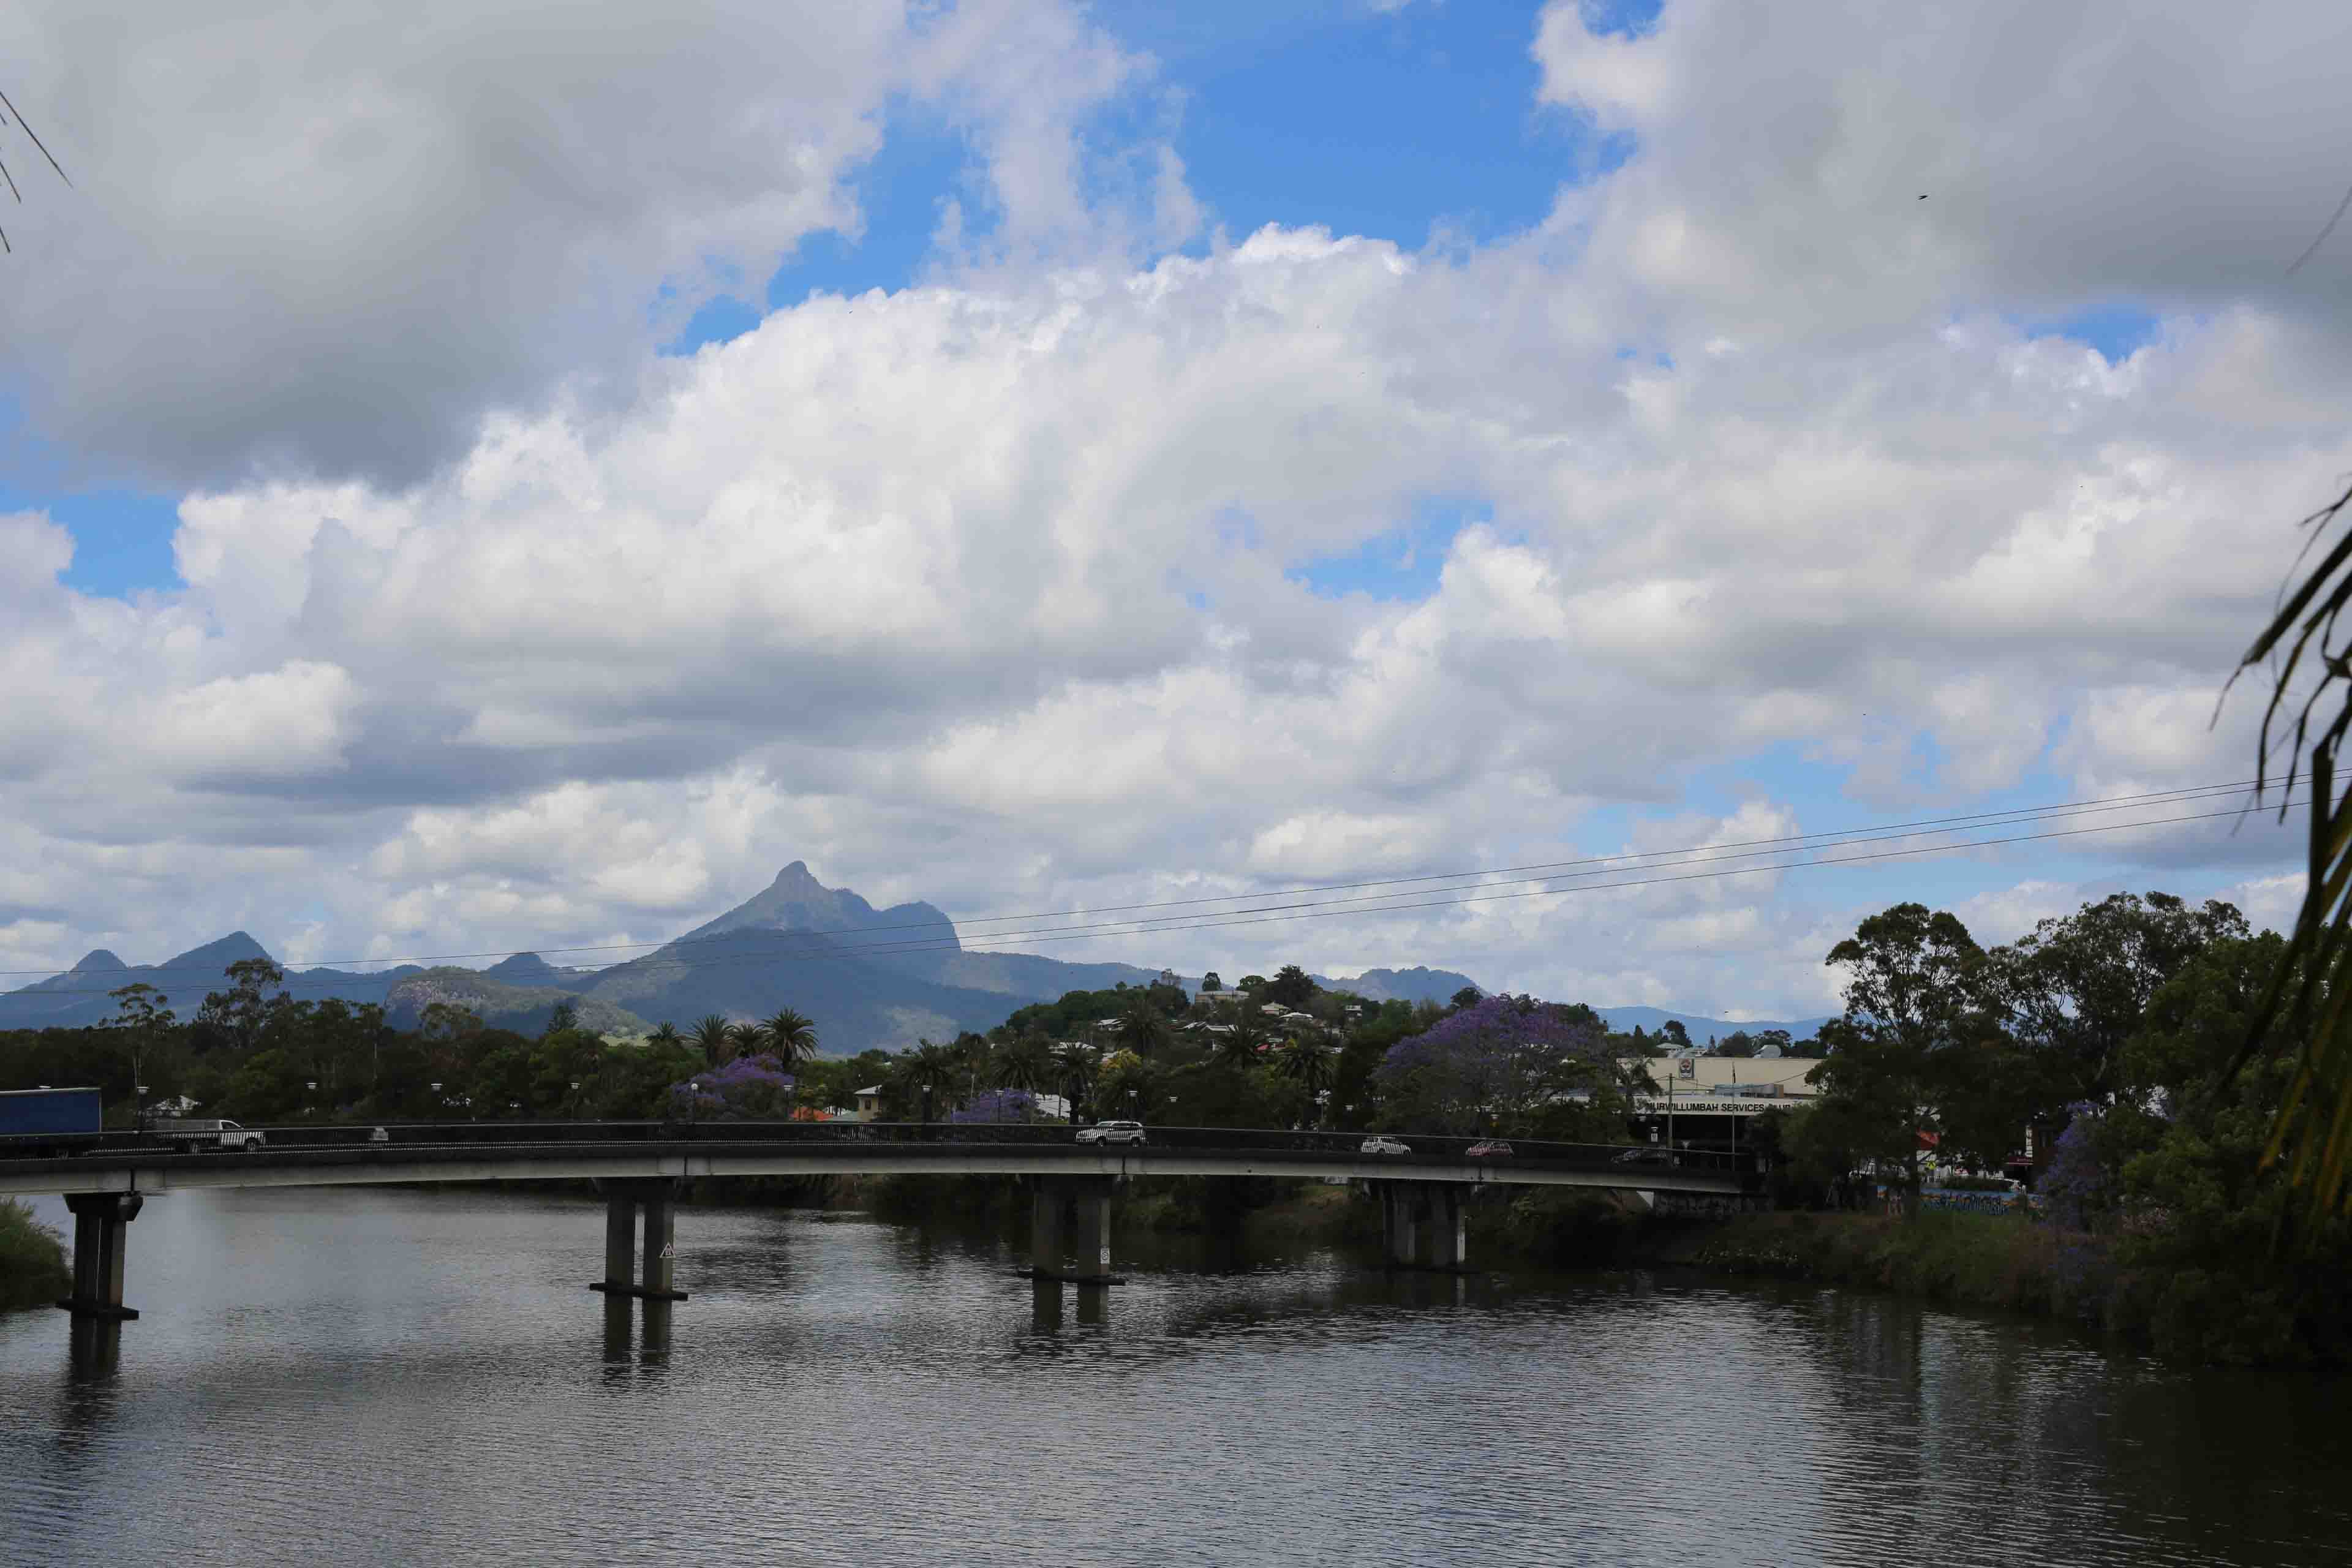 The Murwillumbah bridge over the Tweed River